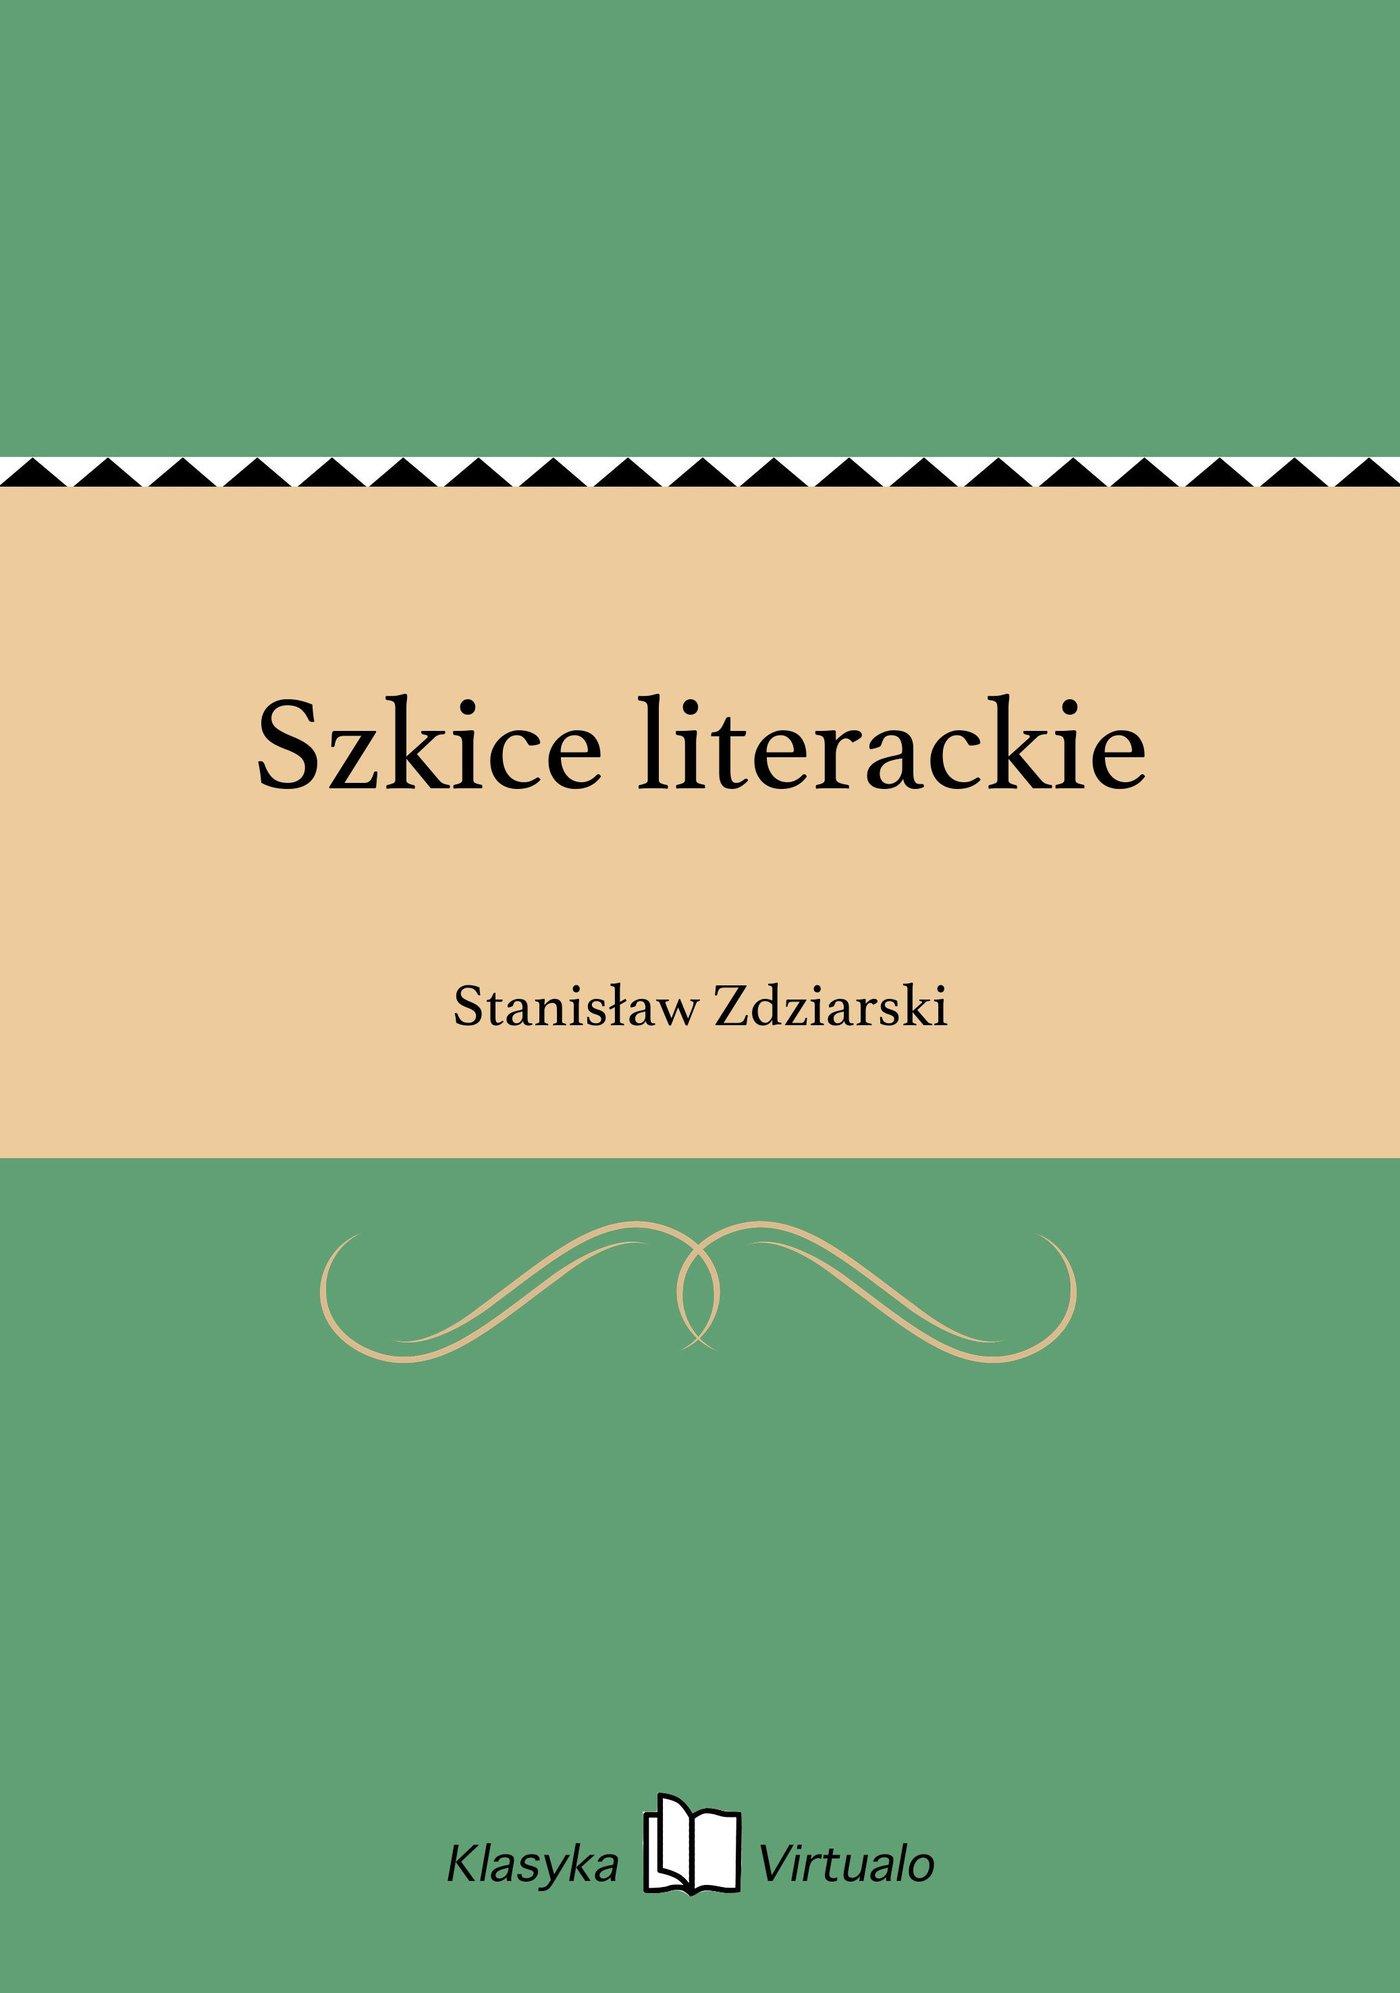 Szkice literackie - Ebook (Książka EPUB) do pobrania w formacie EPUB